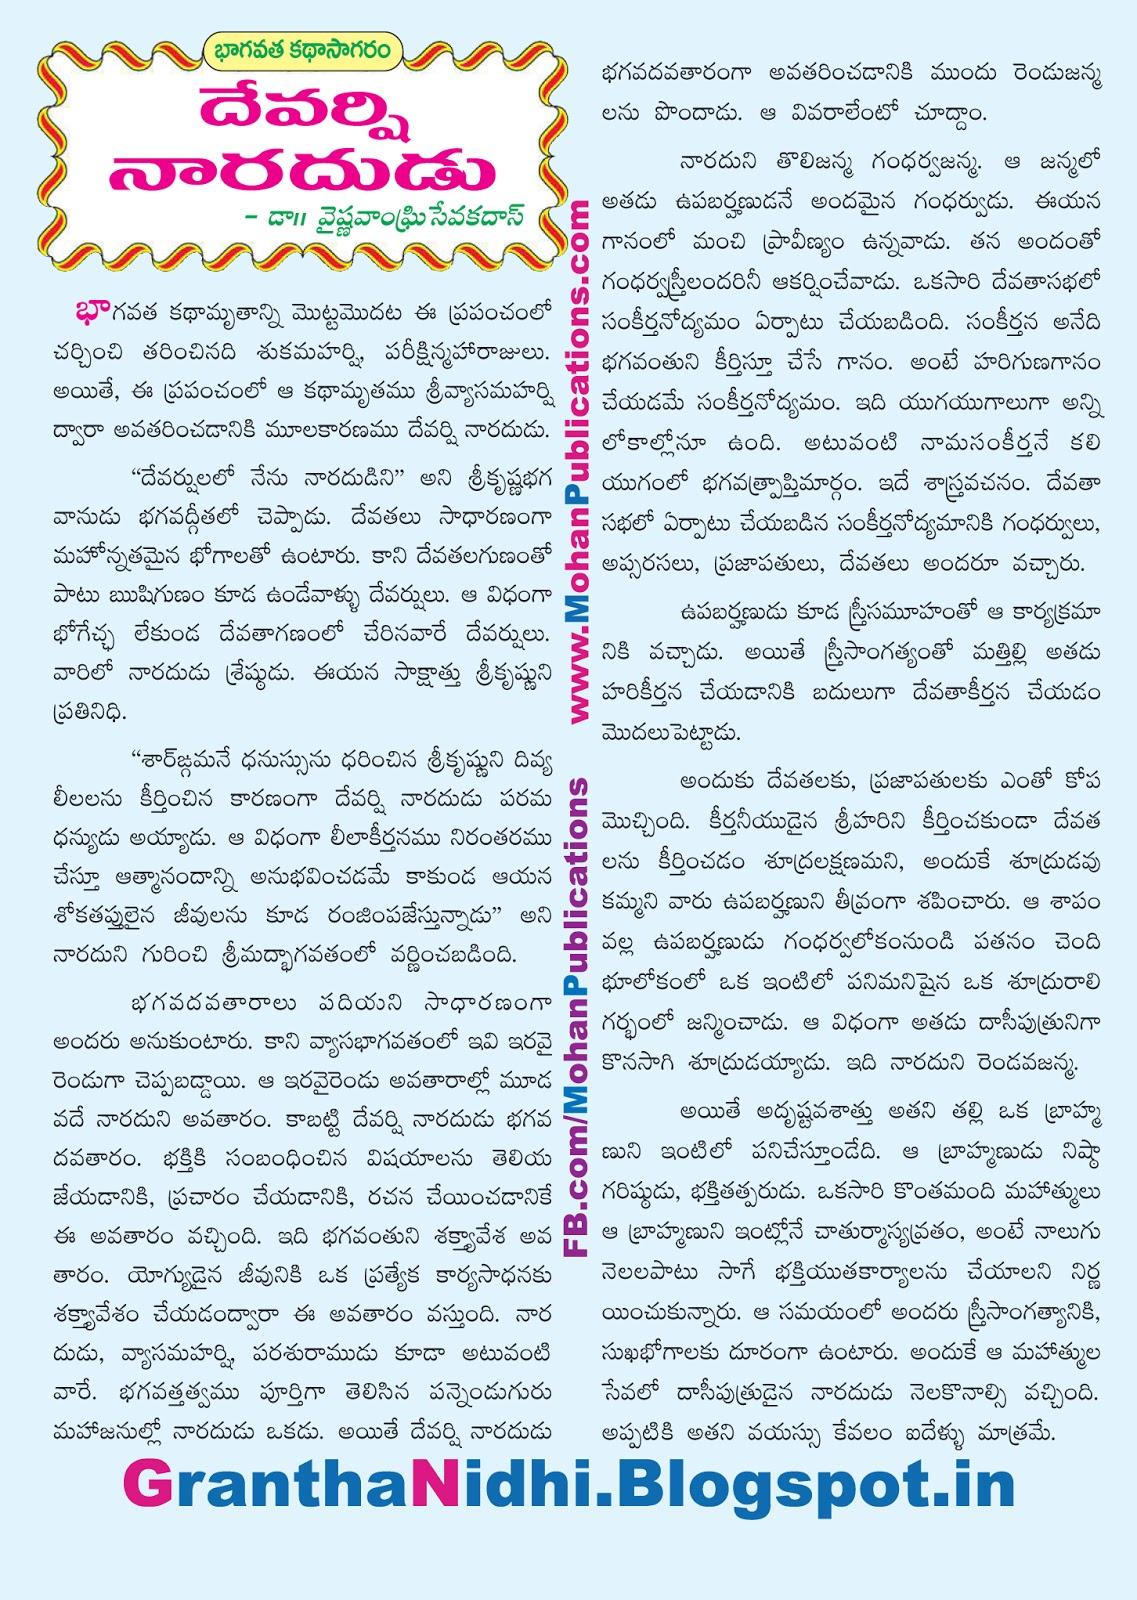 దేవర్షి నారదుడు Lord Naradha Naradha Naradha Maharishi Maharishi Naradha ttd ttd ebooks tirumala tirupathi tirupathi tirumala saptagiri Publications in Rajahmundry, Books Publisher in Rajahmundry, Popular Publisher in Rajahmundry, BhaktiPustakalu, Makarandam, Bhakthi Pustakalu, JYOTHISA,VASTU,MANTRA, TANTRA,YANTRA,RASIPALITALU, BHAKTI,LEELA,BHAKTHI SONGS, BHAKTHI,LAGNA,PURANA,NOMULU, VRATHAMULU,POOJALU,  KALABHAIRAVAGURU, SAHASRANAMAMULU,KAVACHAMULU, ASHTORAPUJA,KALASAPUJALU, KUJA DOSHA,DASAMAHAVIDYA, SADHANALU,MOHAN PUBLICATIONS, RAJAHMUNDRY BOOK STORE, BOOKS,DEVOTIONAL BOOKS, KALABHAIRAVA GURU,KALABHAIRAVA, RAJAMAHENDRAVARAM,GODAVARI,GOWTHAMI, FORTGATE,KOTAGUMMAM,GODAVARI RAILWAY STATION, PRINT BOOKS,E BOOKS,PDF BOOKS, FREE PDF BOOKS,BHAKTHI MANDARAM,GRANTHANIDHI, GRANDANIDI,GRANDHANIDHI, BHAKTHI PUSTHAKALU, BHAKTI PUSTHAKALU, BHAKTHI